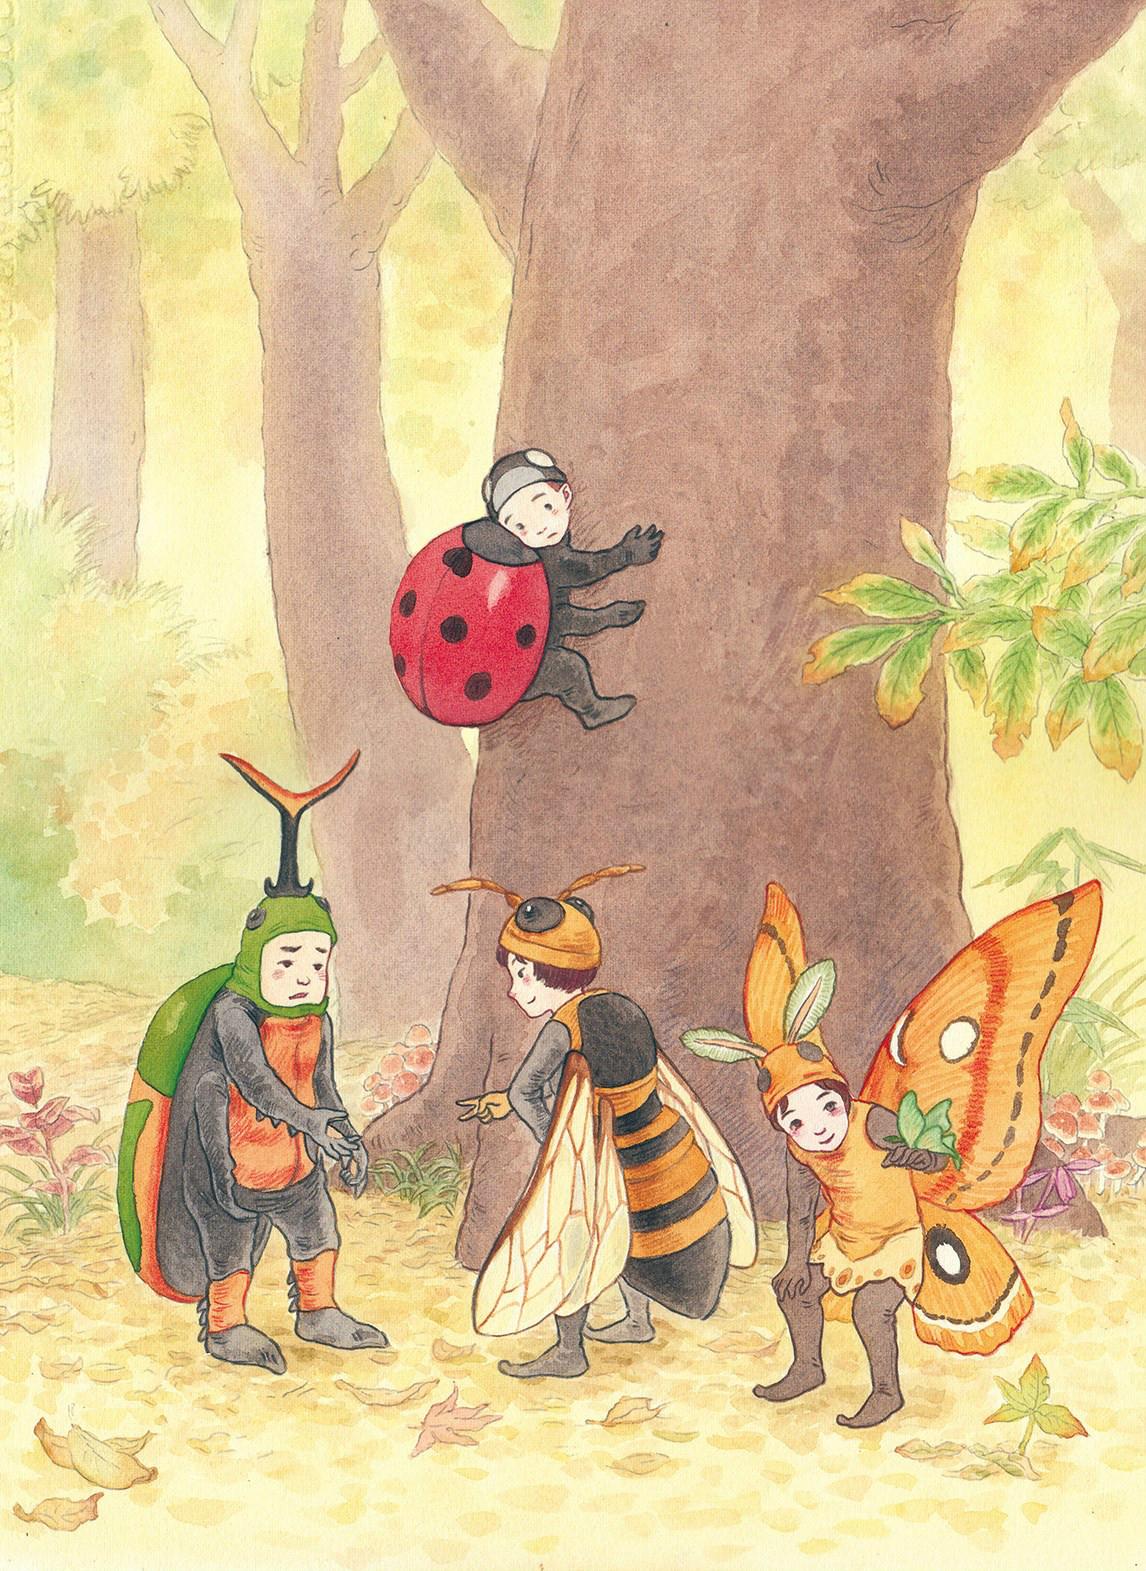 欢乐多姿的儿童世界,一组水彩儿童手绘插画